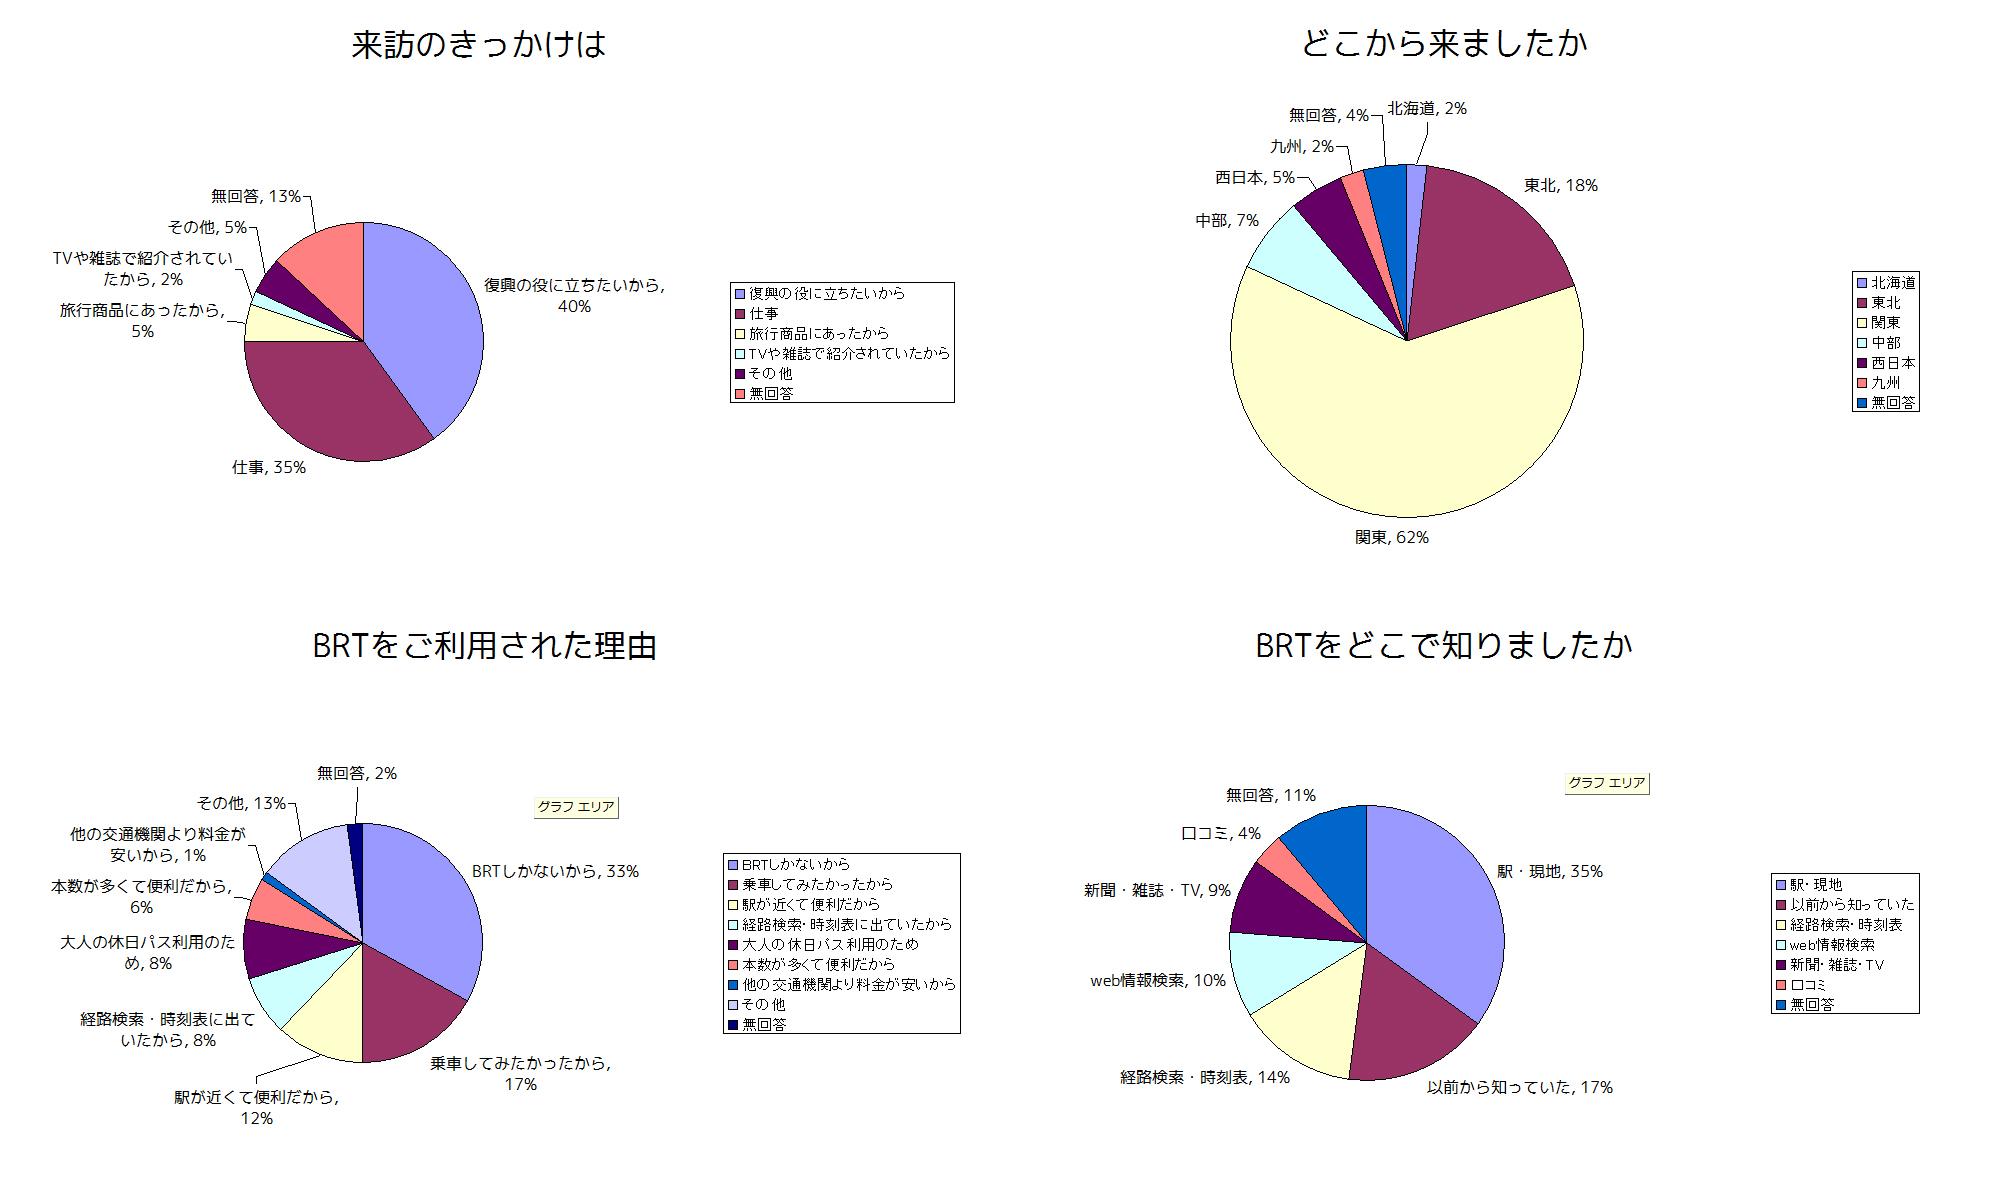 JR東日本 BRTアンケート 通勤・通学